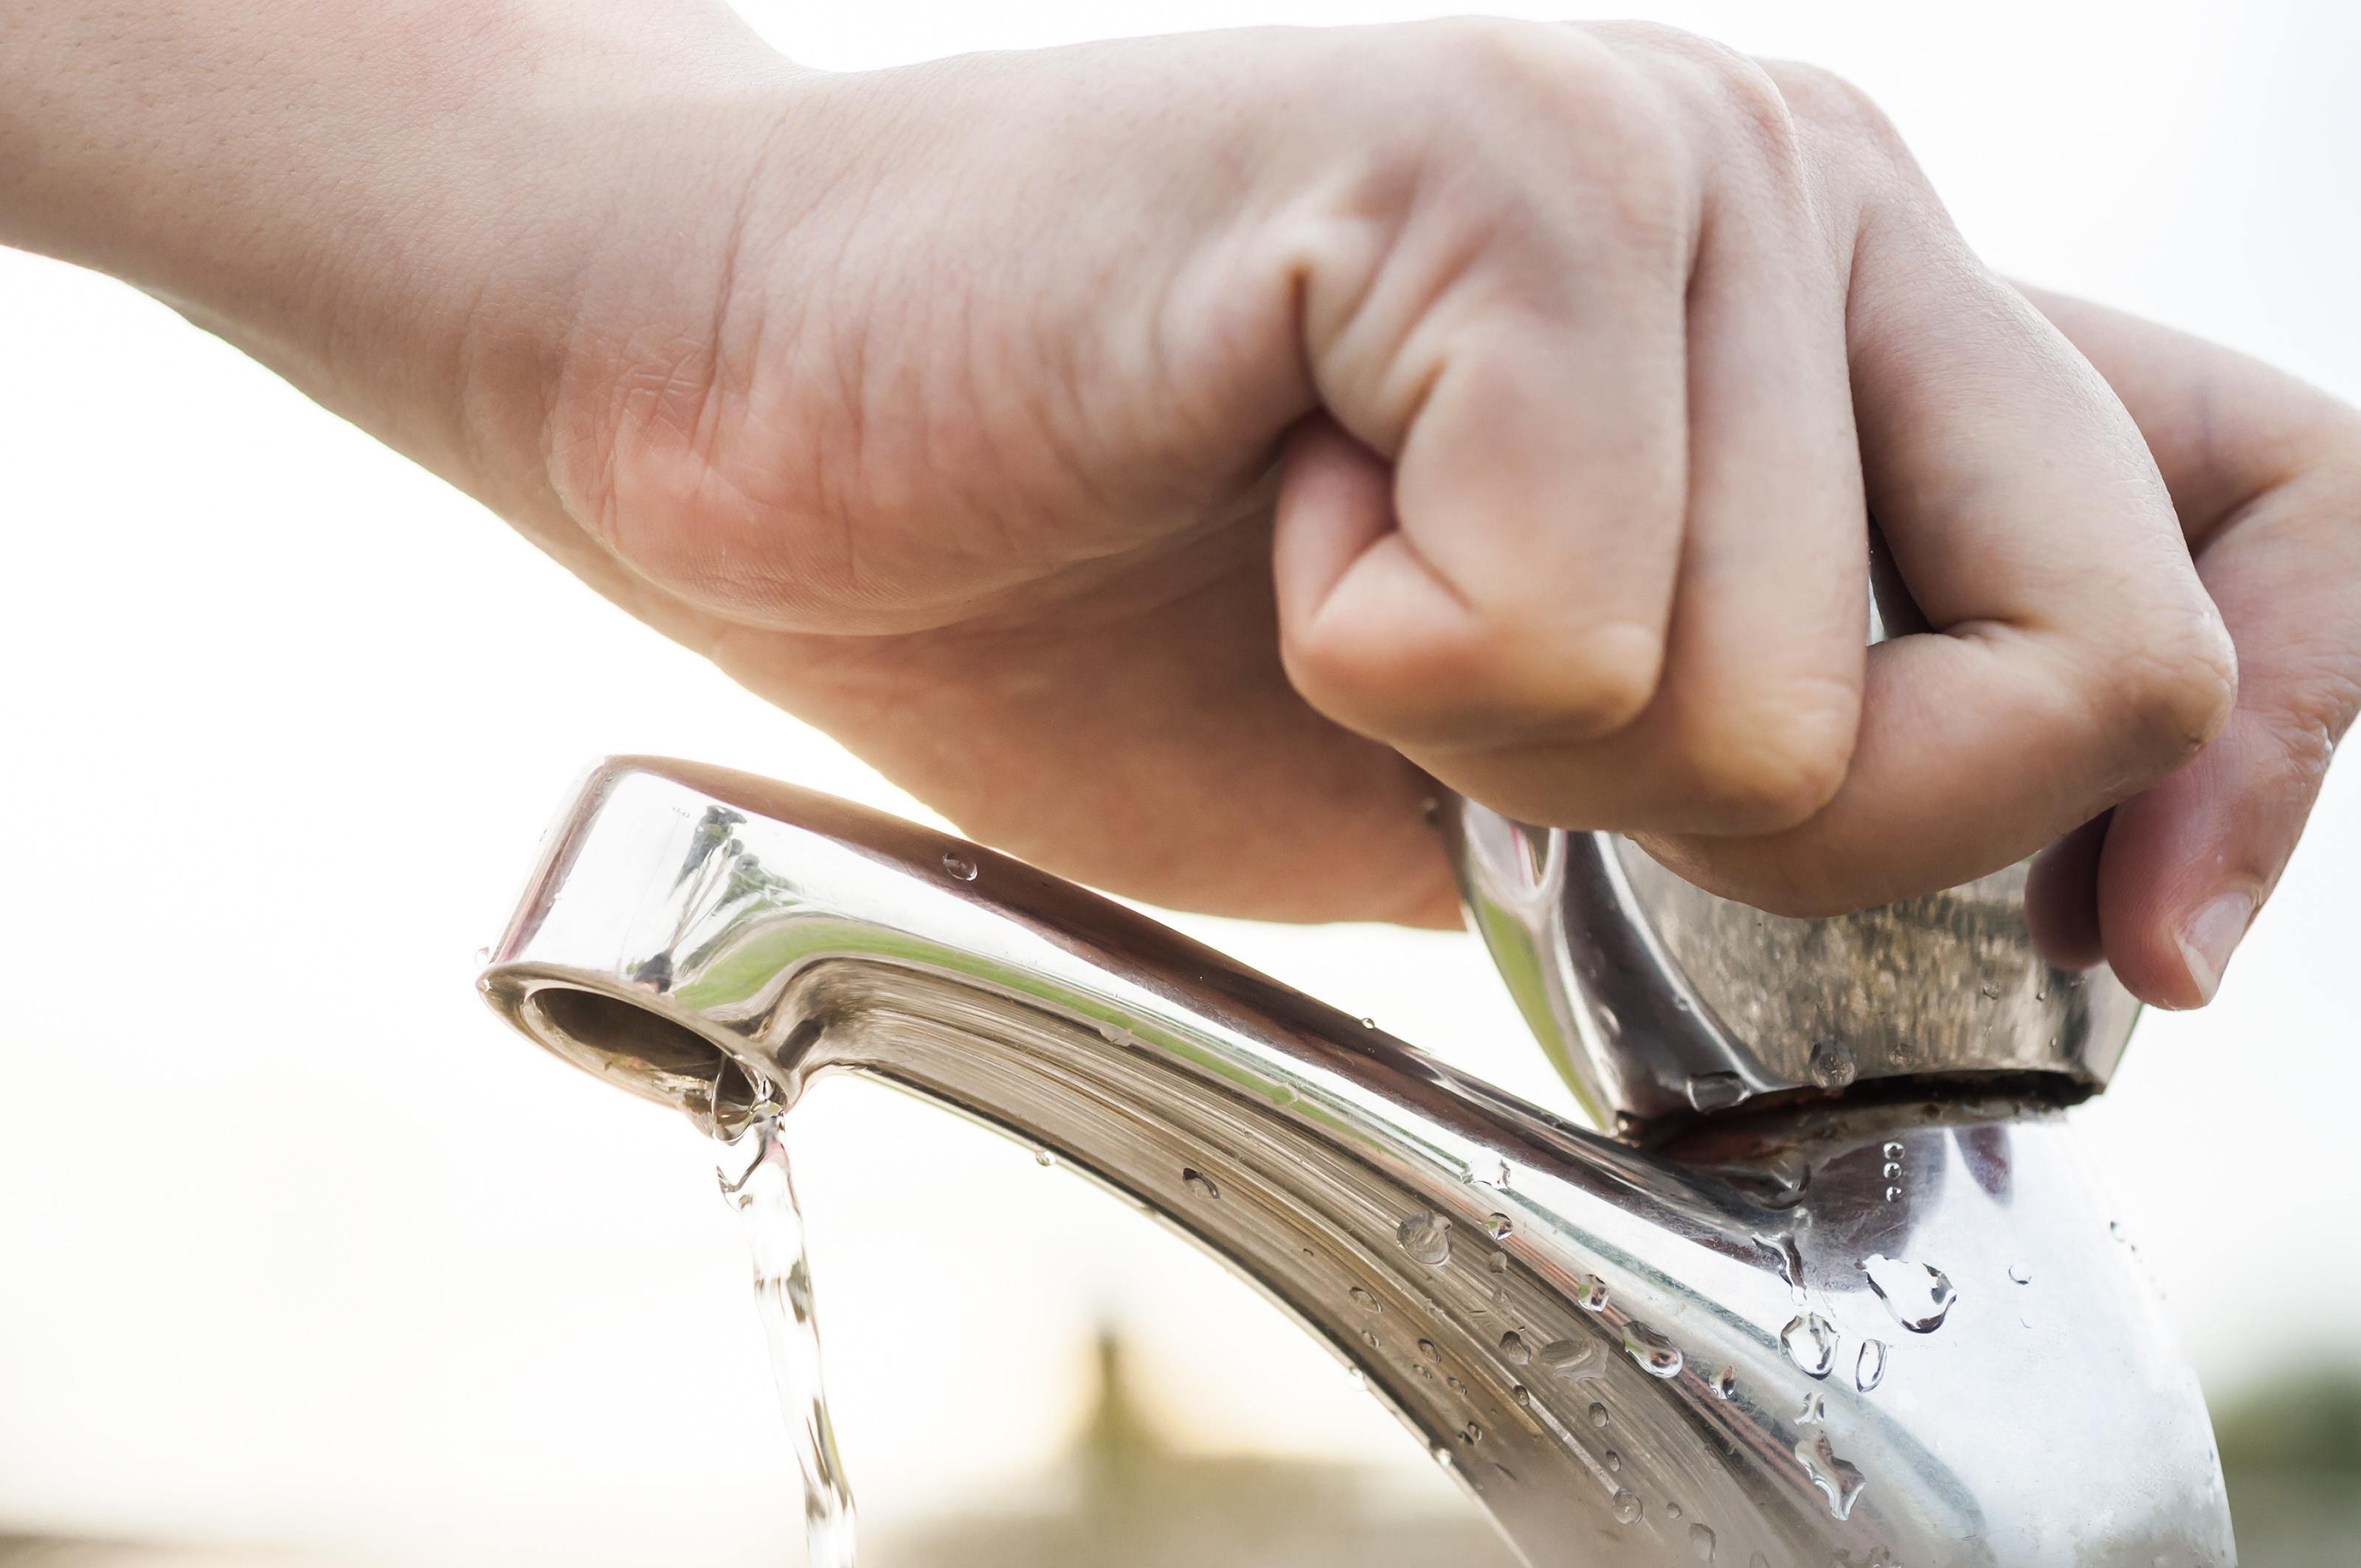 Al momento de lavarse los dientes, tambien puedes hacerte de un recipiente para tomar justo el agua que requieres y no dejar la llave abierta todo el tiempo mientras dura este proceso